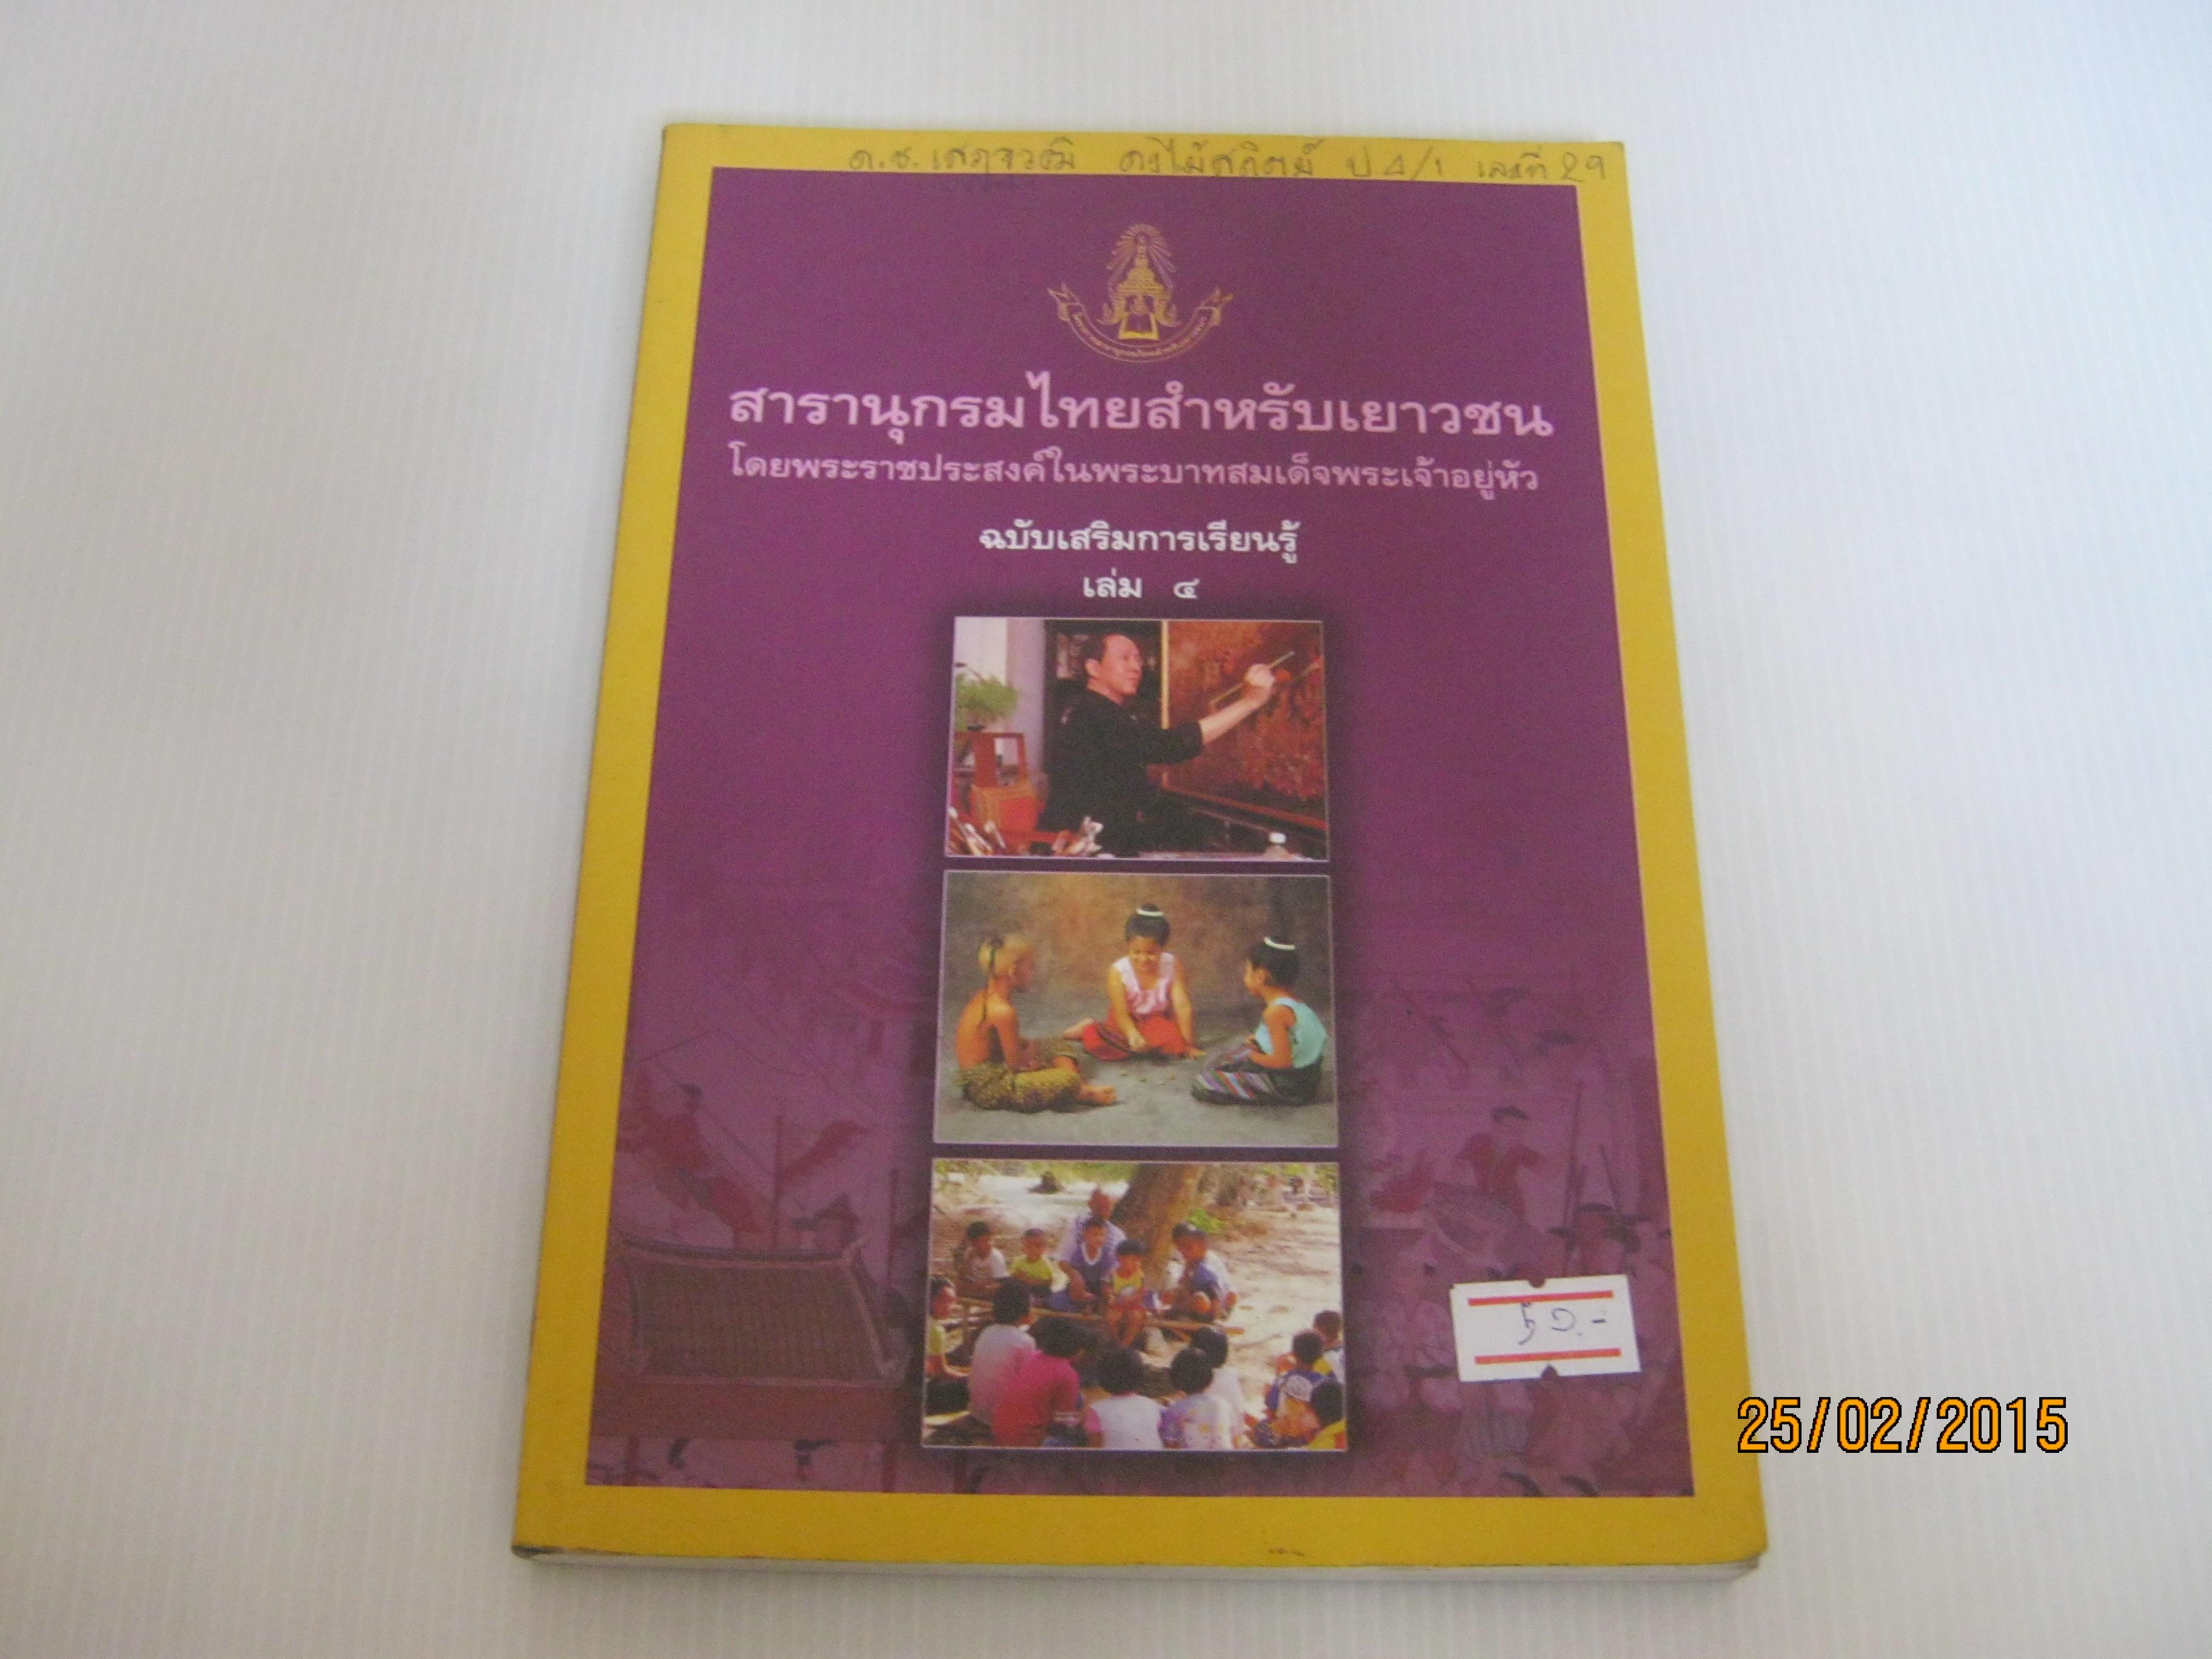 สารานุกรมไทยสำหรับเยาวชน โดยพระราชประสงค์ในพระบาทสมเด็จพระเจ้าอยู่หัว ฉบับเสริมการเรียนรู้ เล่ม ๔ การช่างและหมู่บ้านช่าง การละเล่นพื้นเมือง นิทานพื้นบ้าน